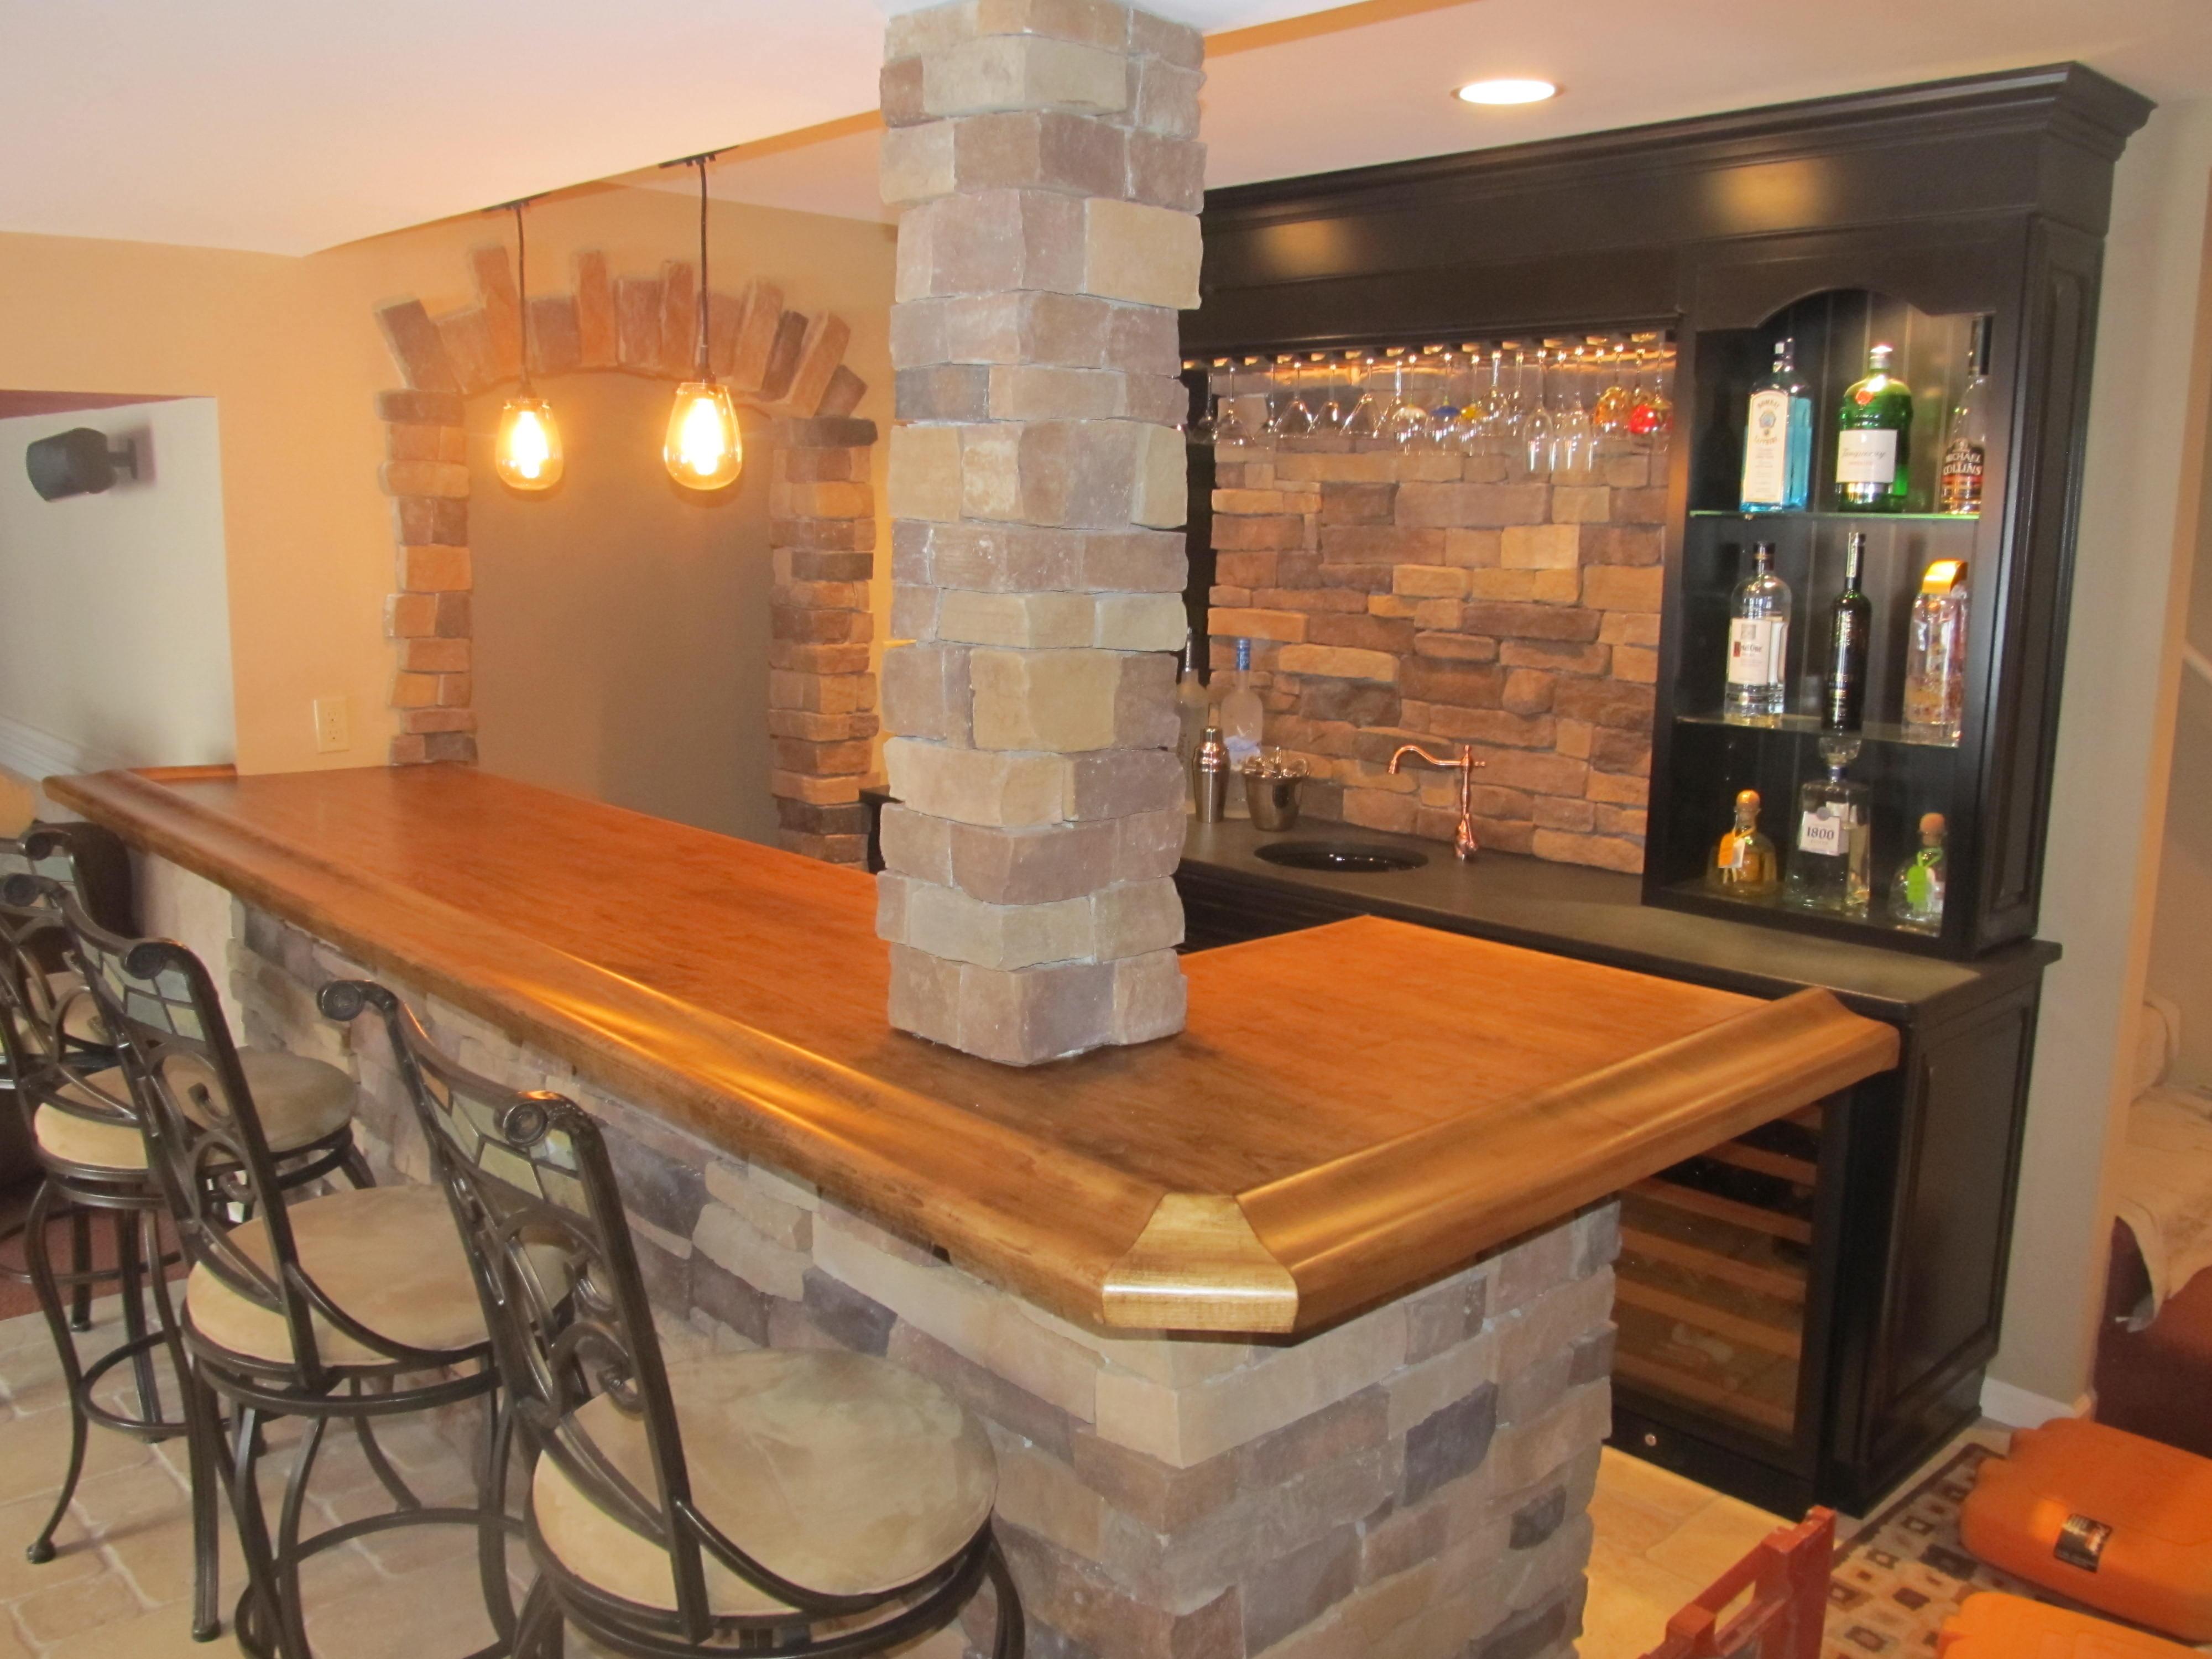 barbadora bar when finished 3.JPG